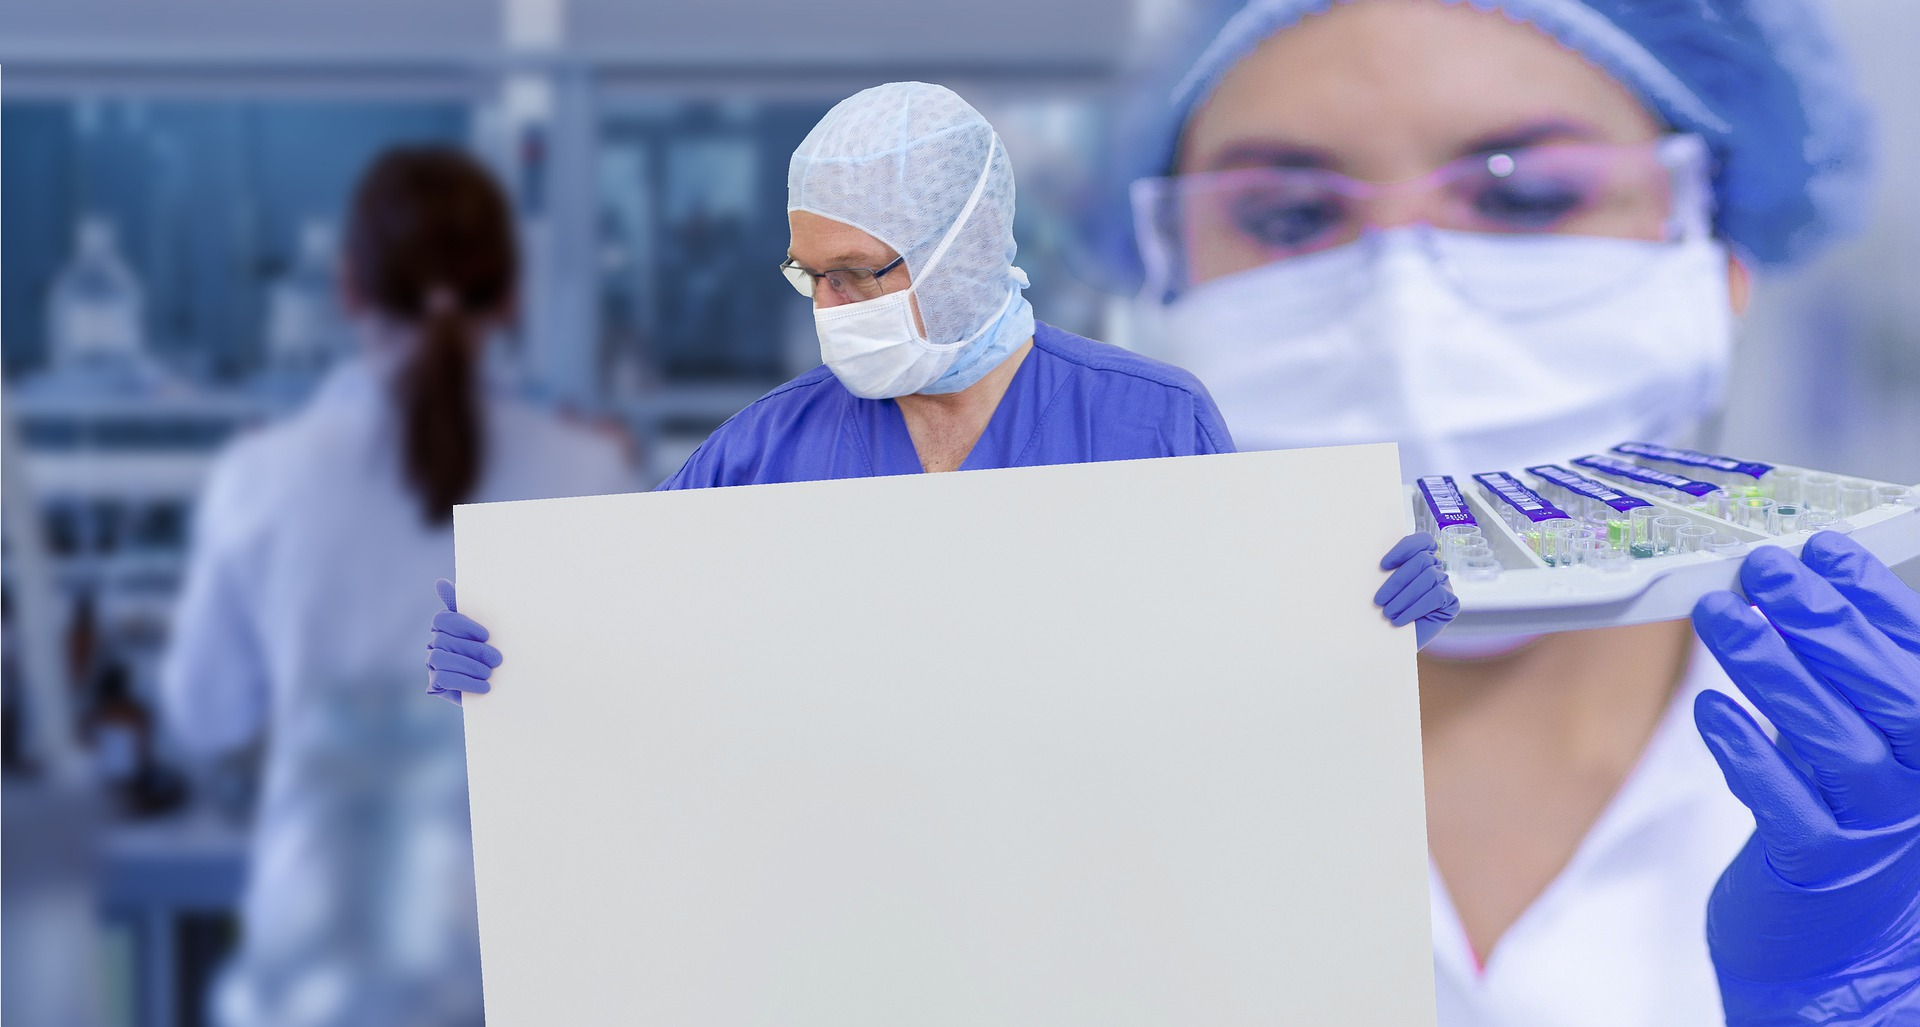 Koronawirus: 21 nowych zakażeń w woj. lubelskim  - Zdjęcie główne